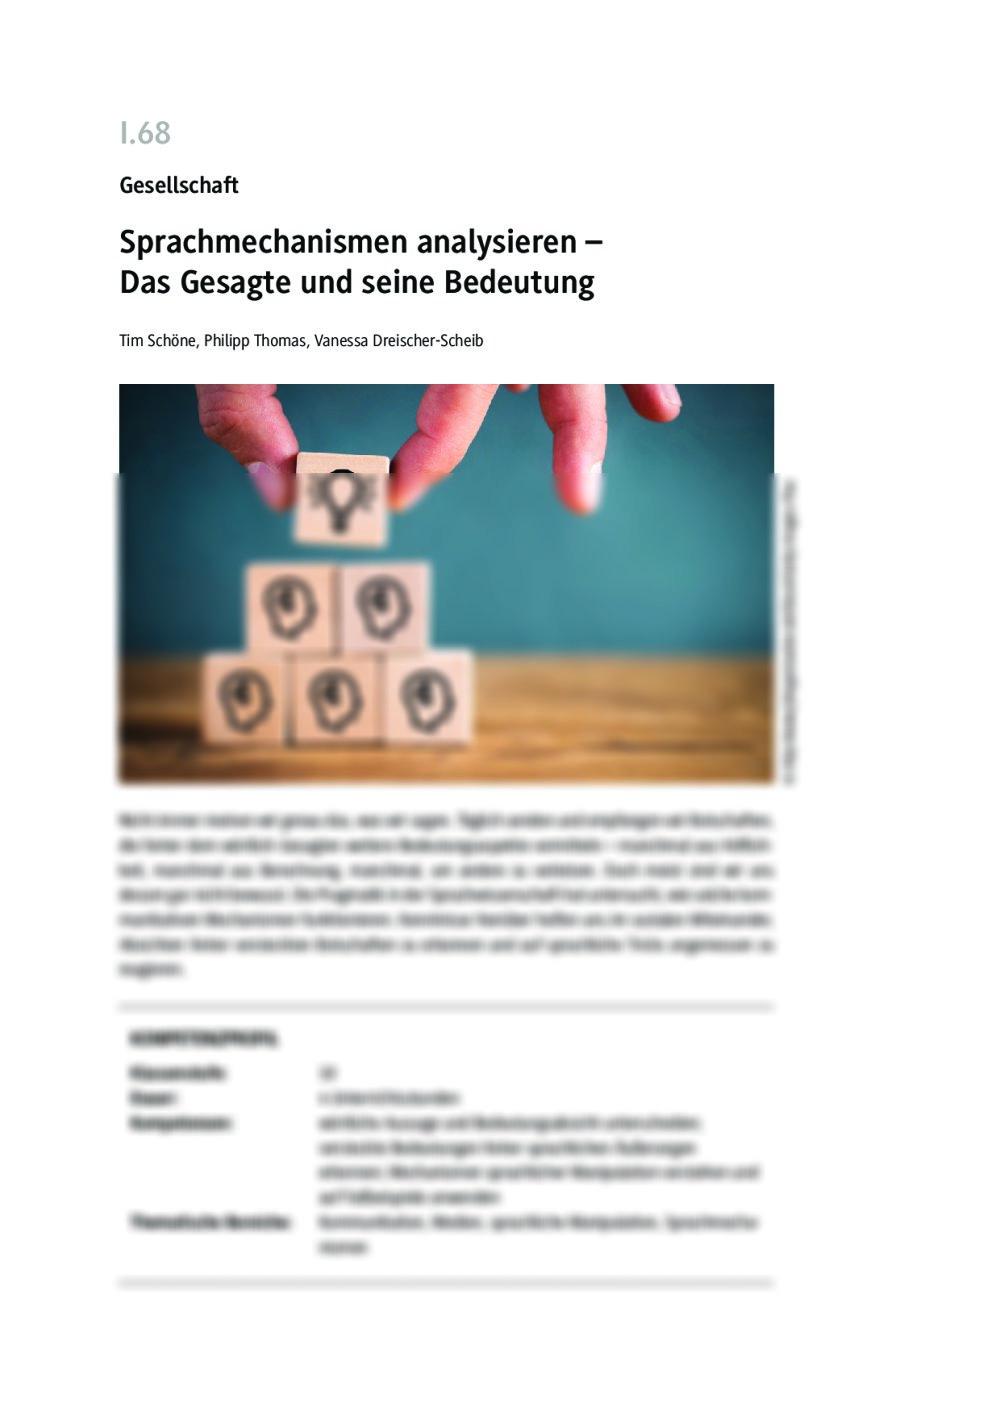 Sprachmechanismen analysieren - Seite 1